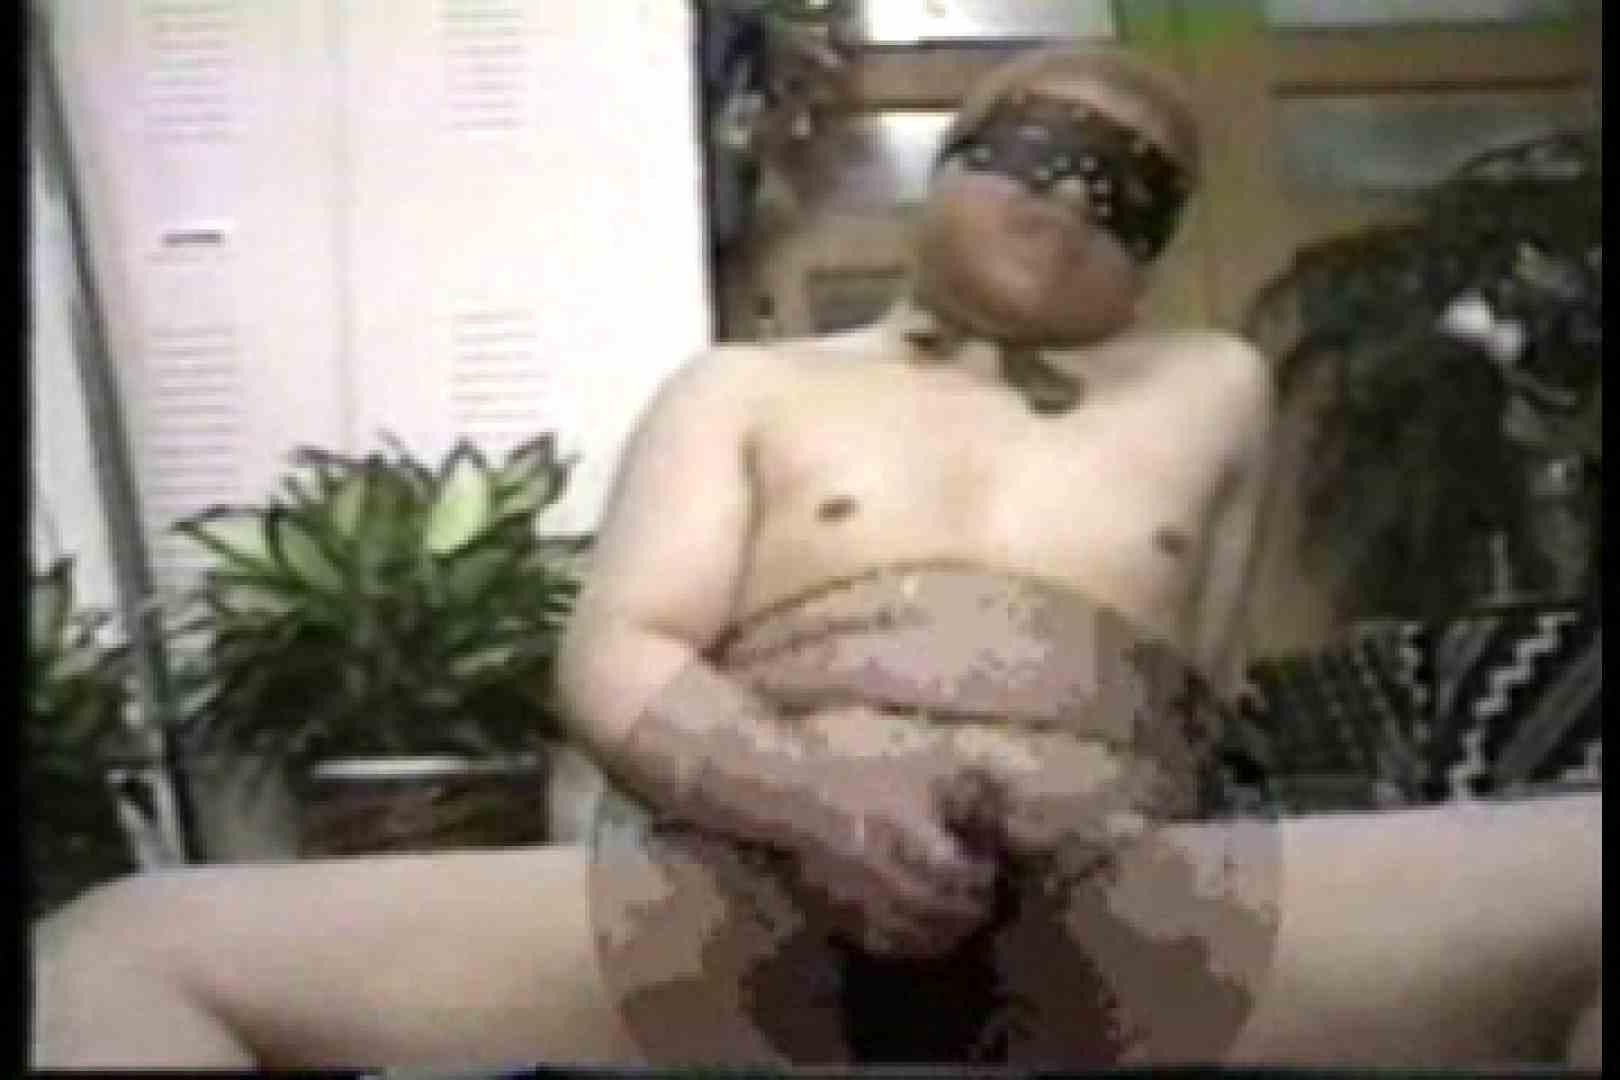 太った男じゃダメですか?10 ディルド ゲイエロビデオ画像 99枚 29